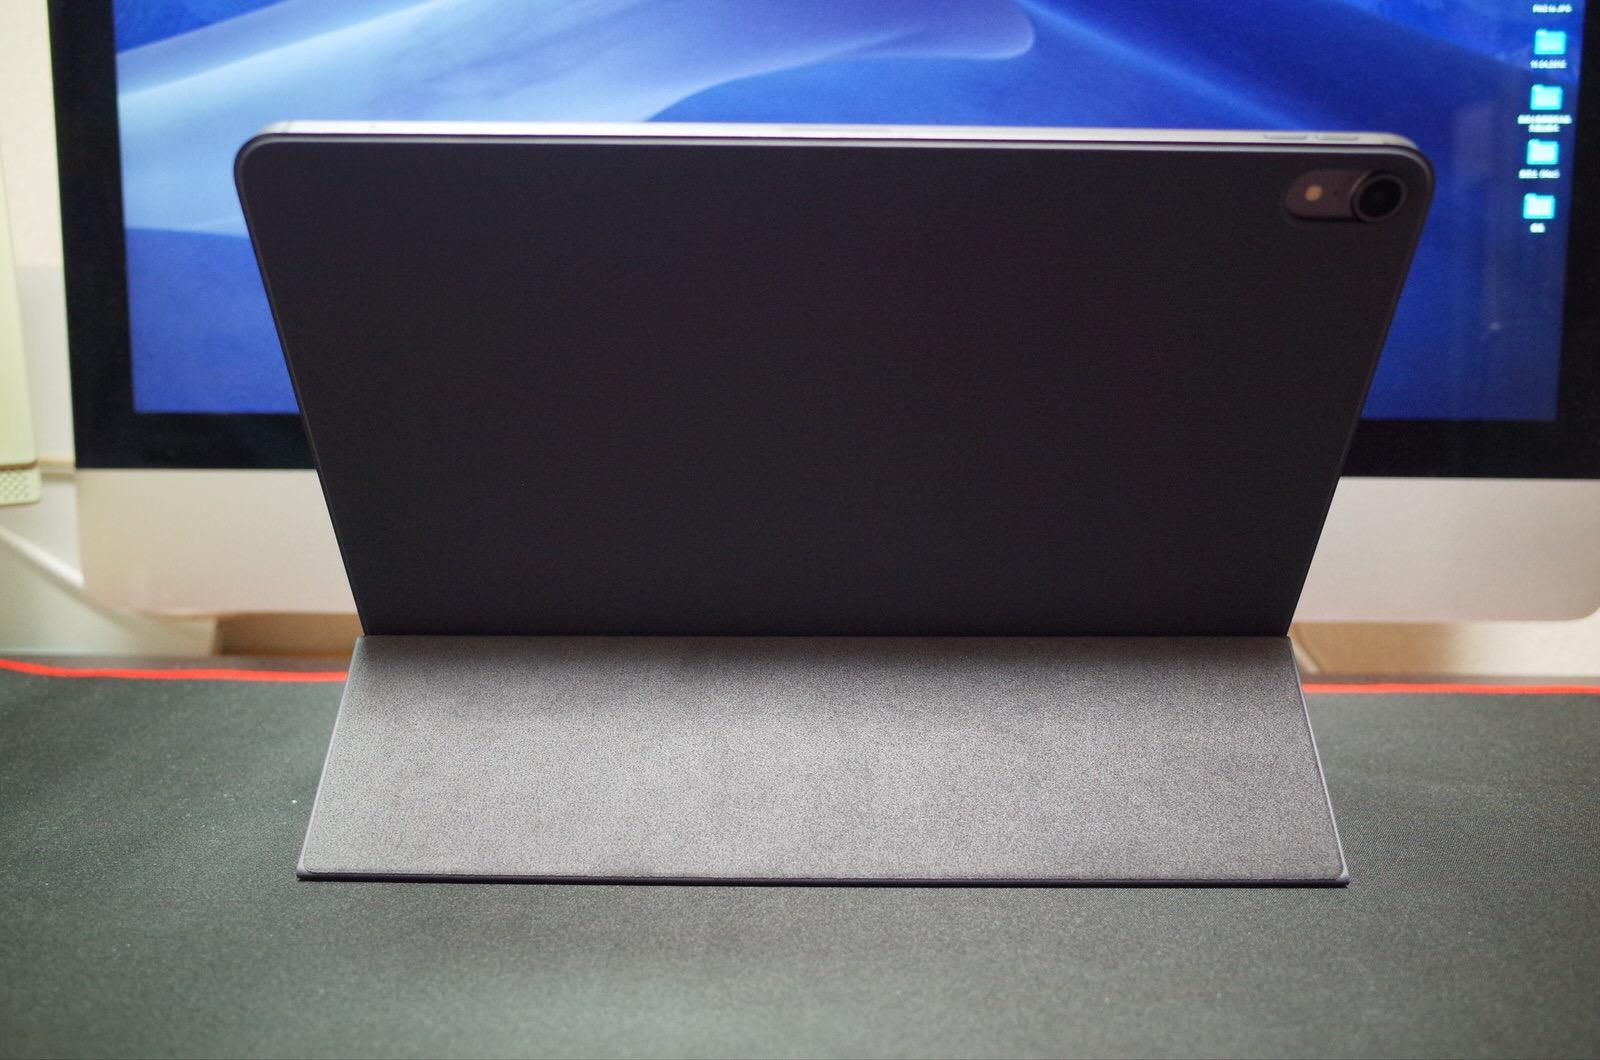 新型 iPad Pro 12.9インチ スペースグレイ 256GB セルラー版-17